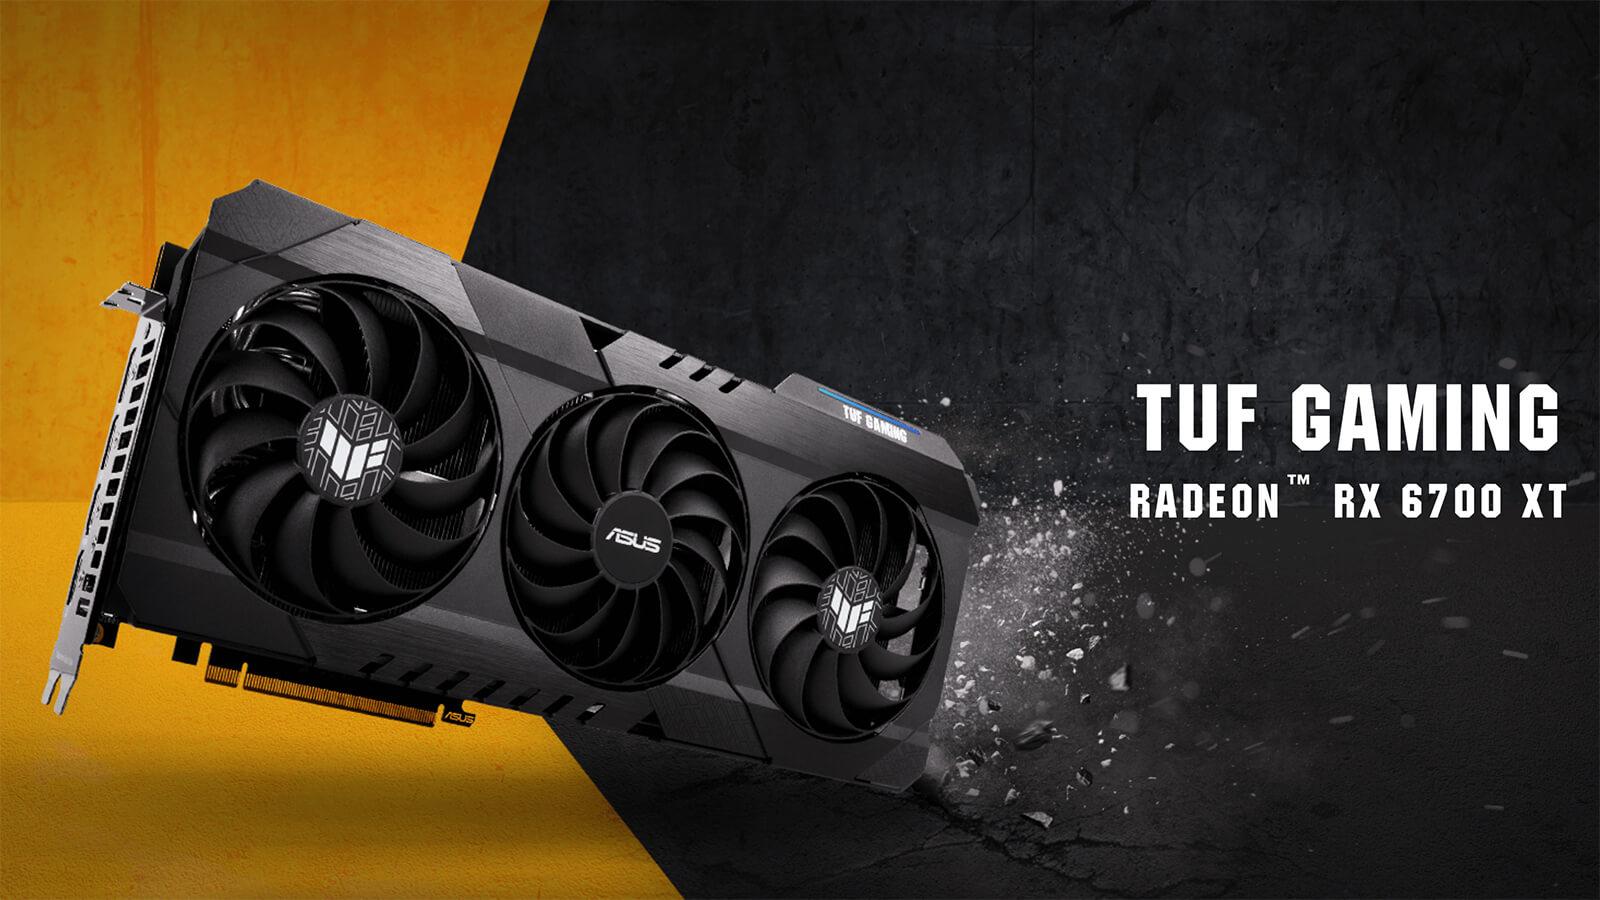 Asus TUF Gaming Radeon™ RX 6700 XT OC Edition 12GB GDDR6